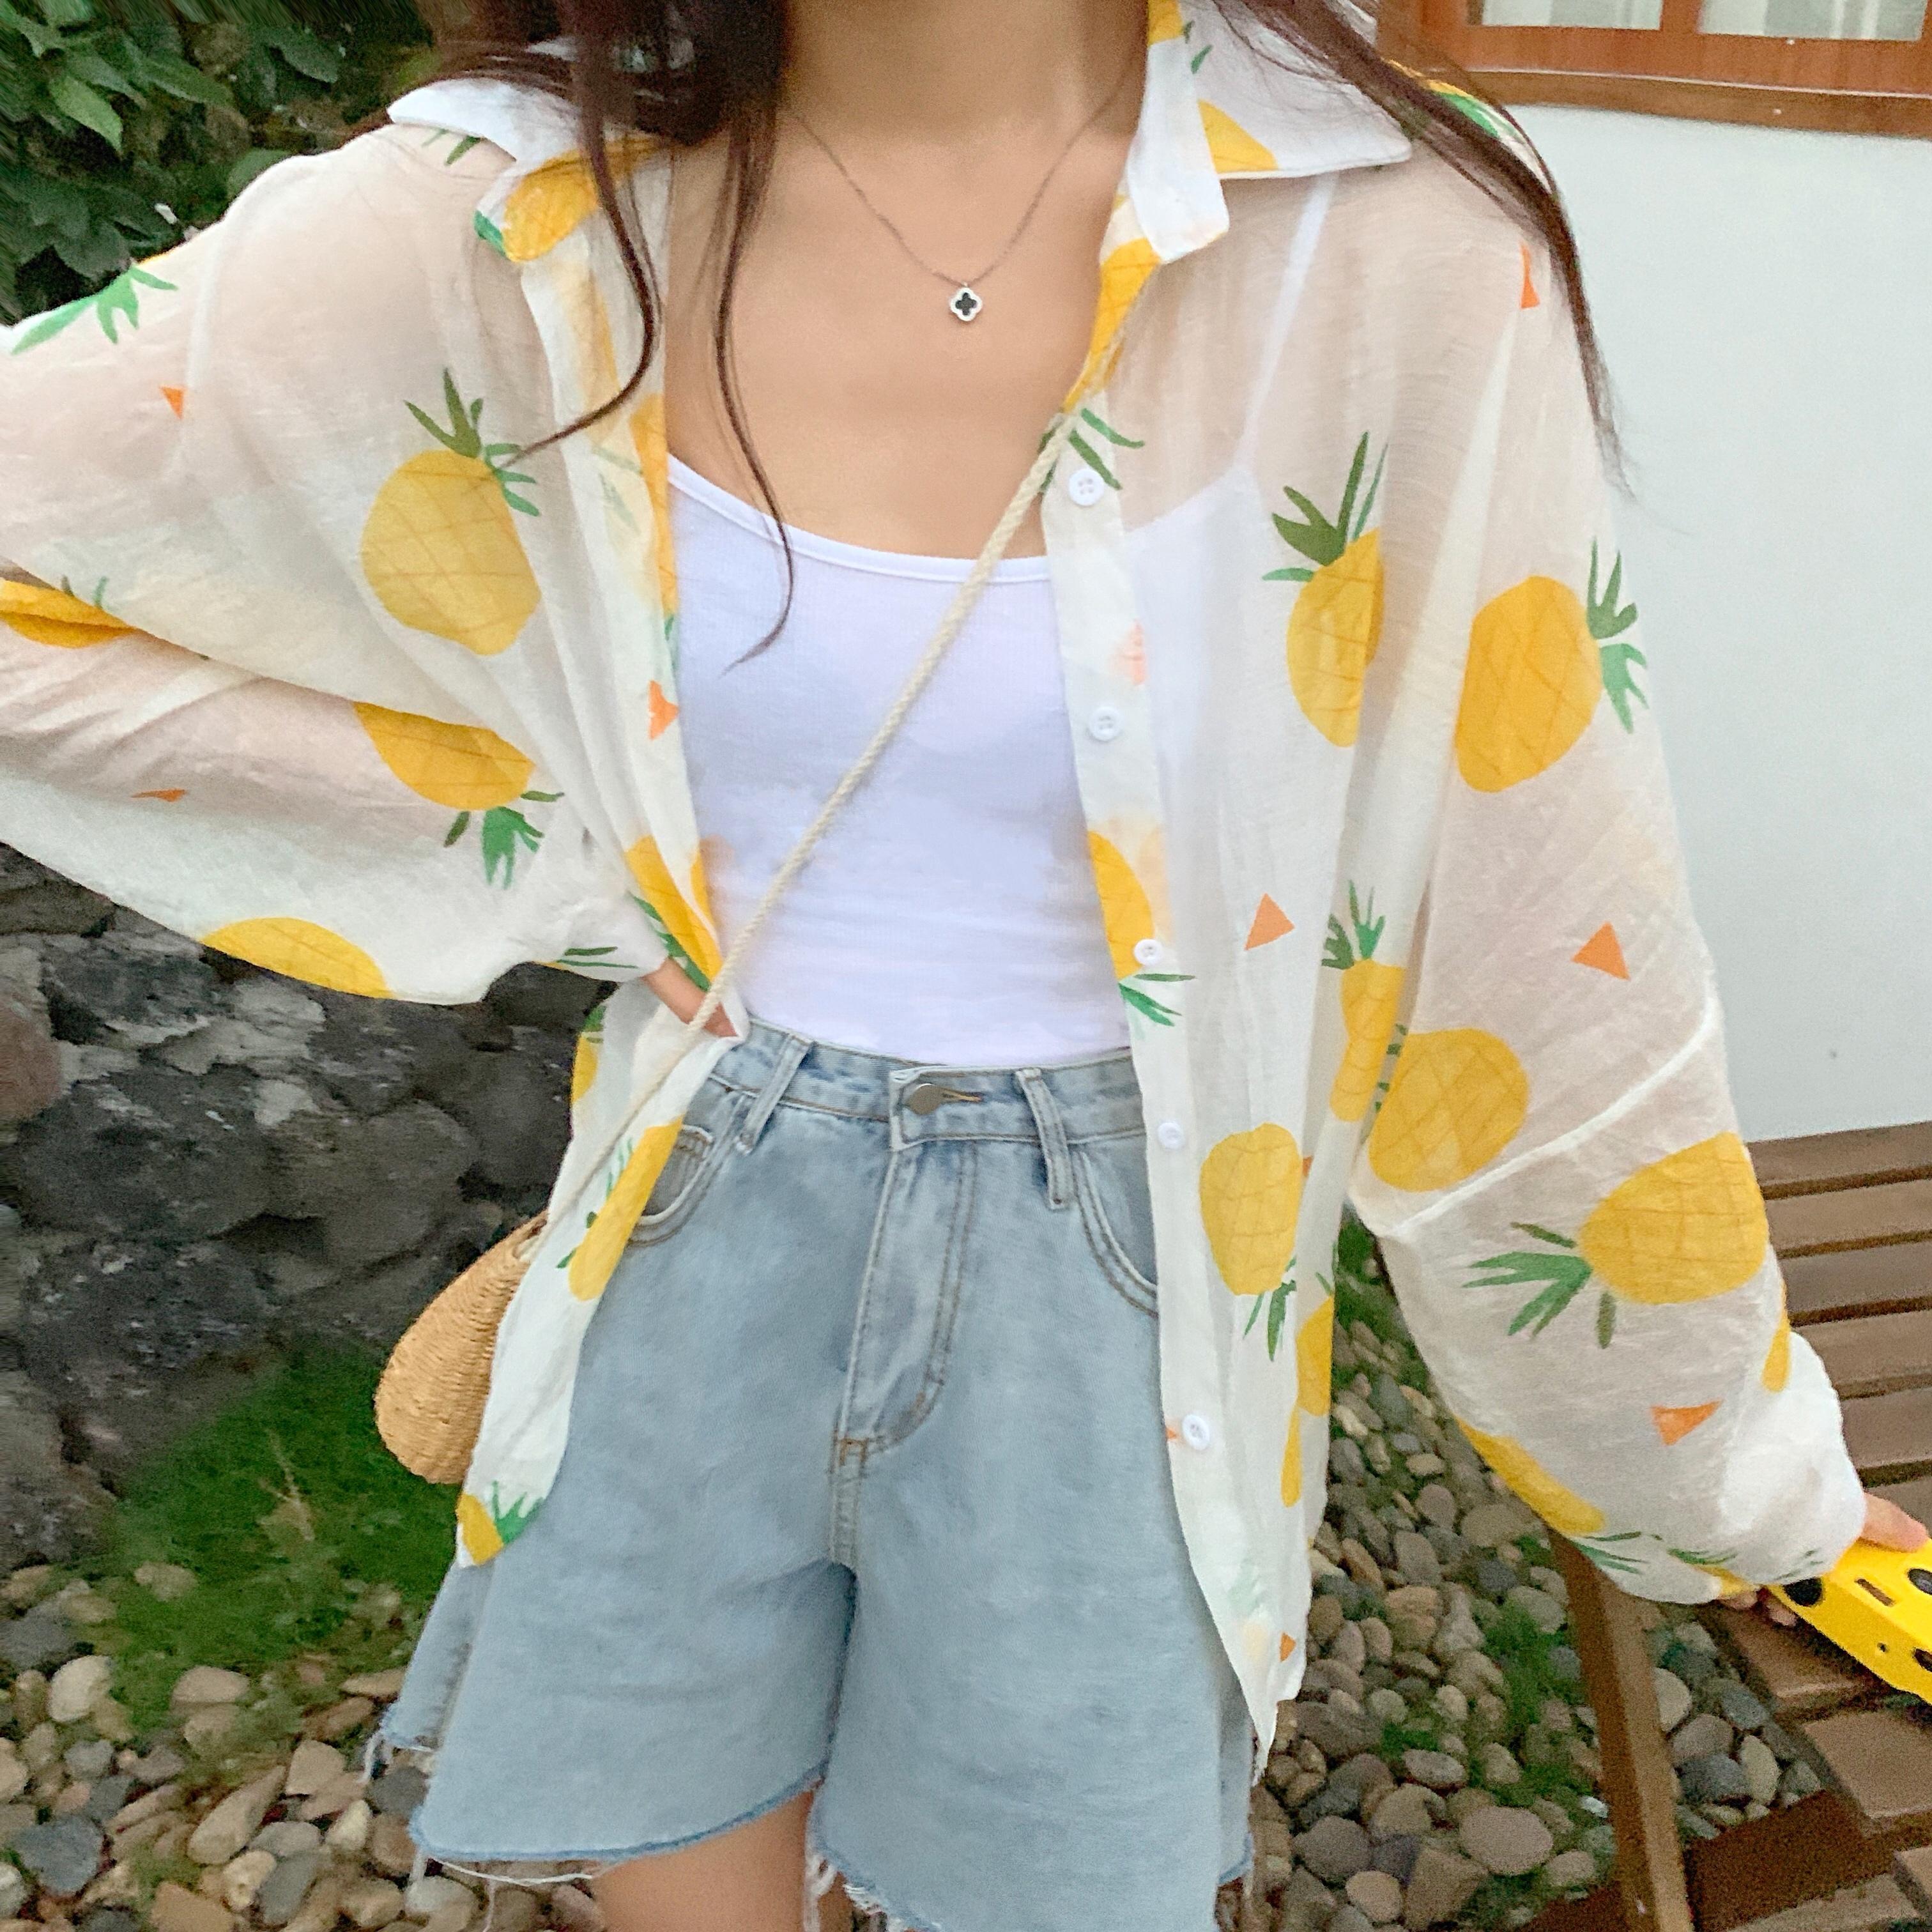 现货实拍~韩风学院风菠萝水果防晒衣雪纺衬衫中长款薄外套女夏天